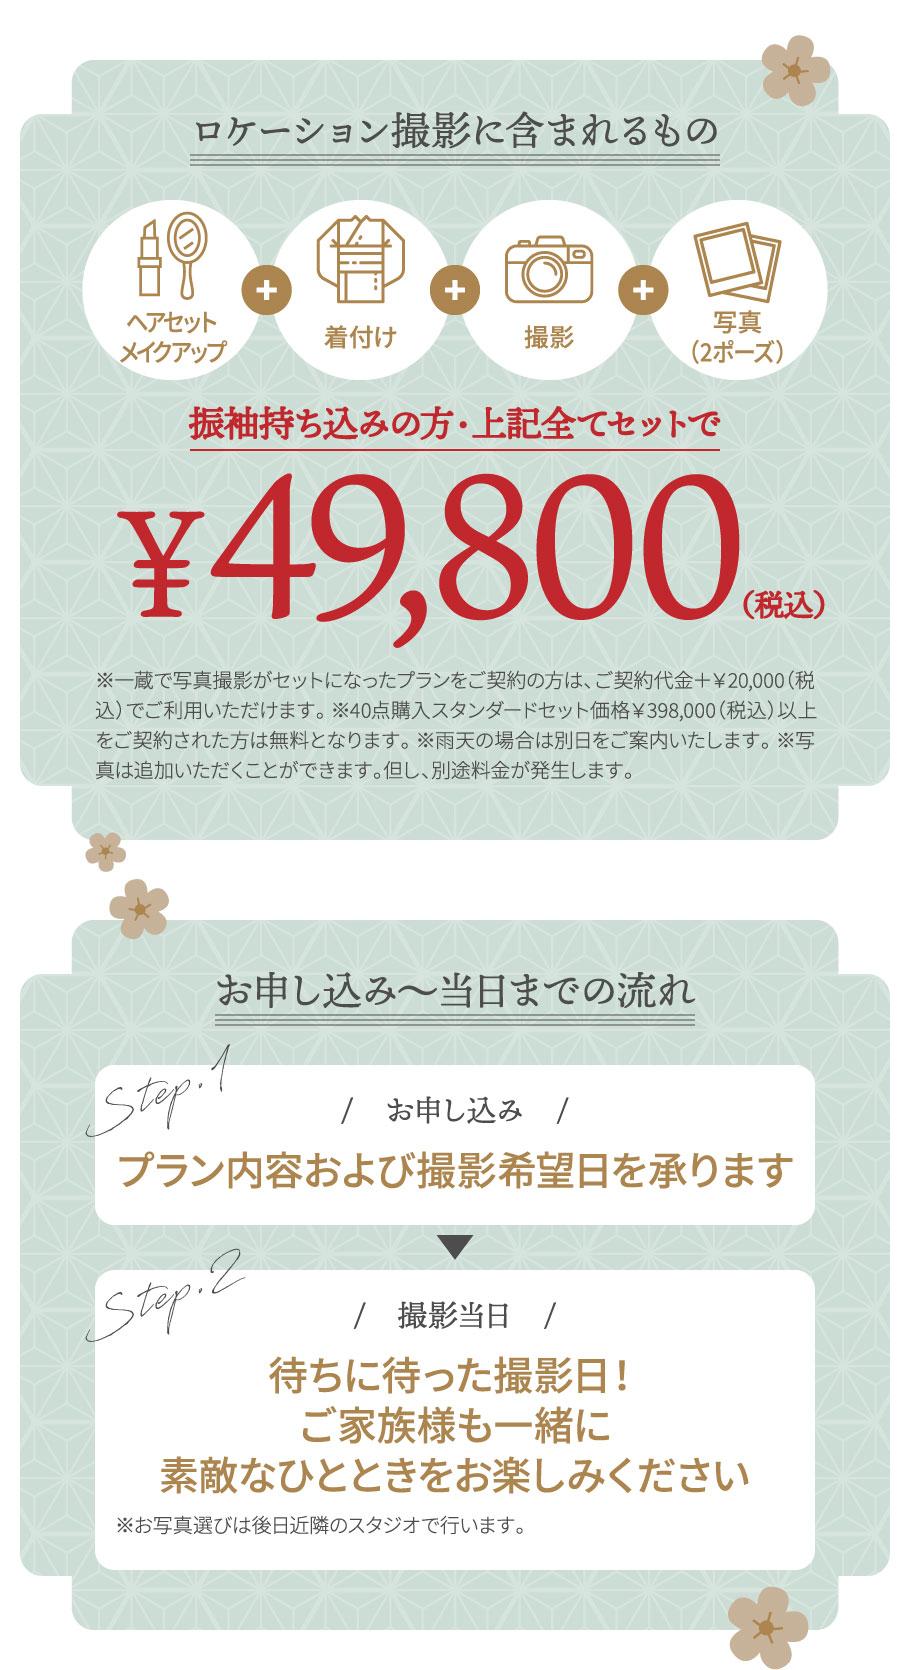 ロケーション撮影プラン¥49,800(税込)